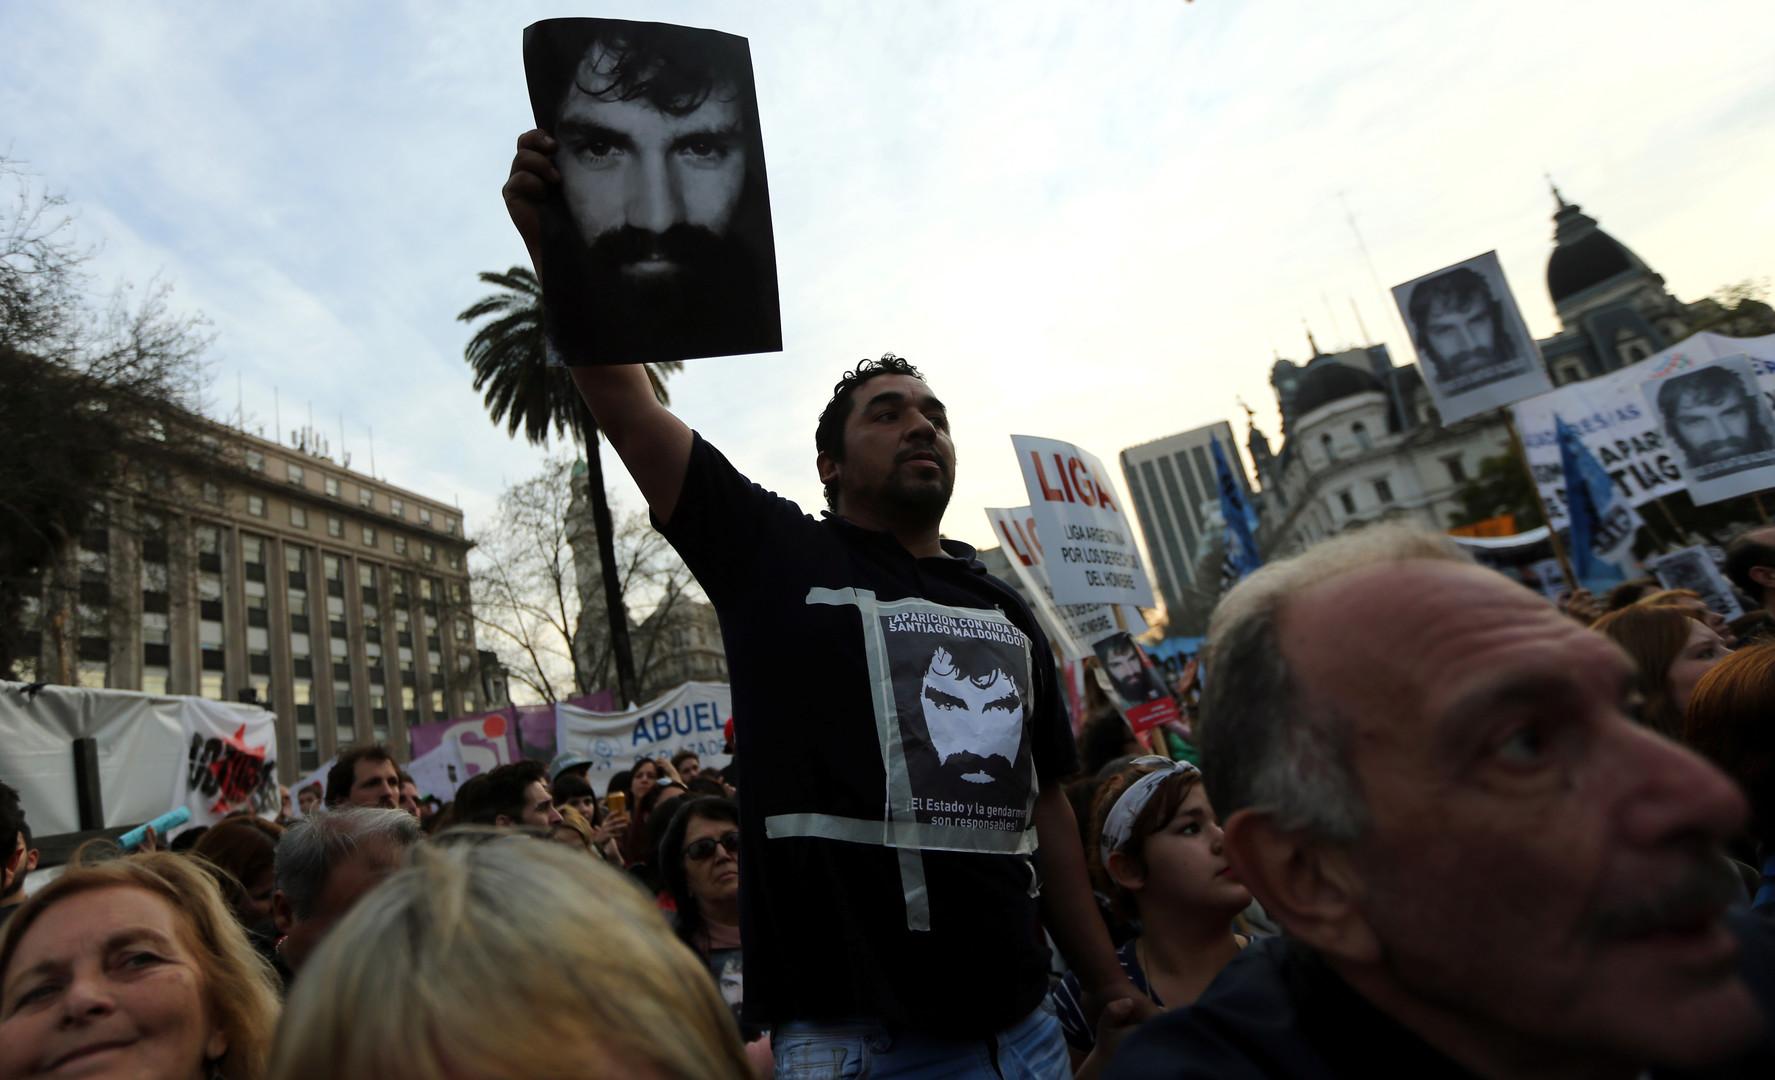 Argentinien: Wo ist Santiago Maldonado? - Regierung soll für Verschwindenlassen verantwortlich sein